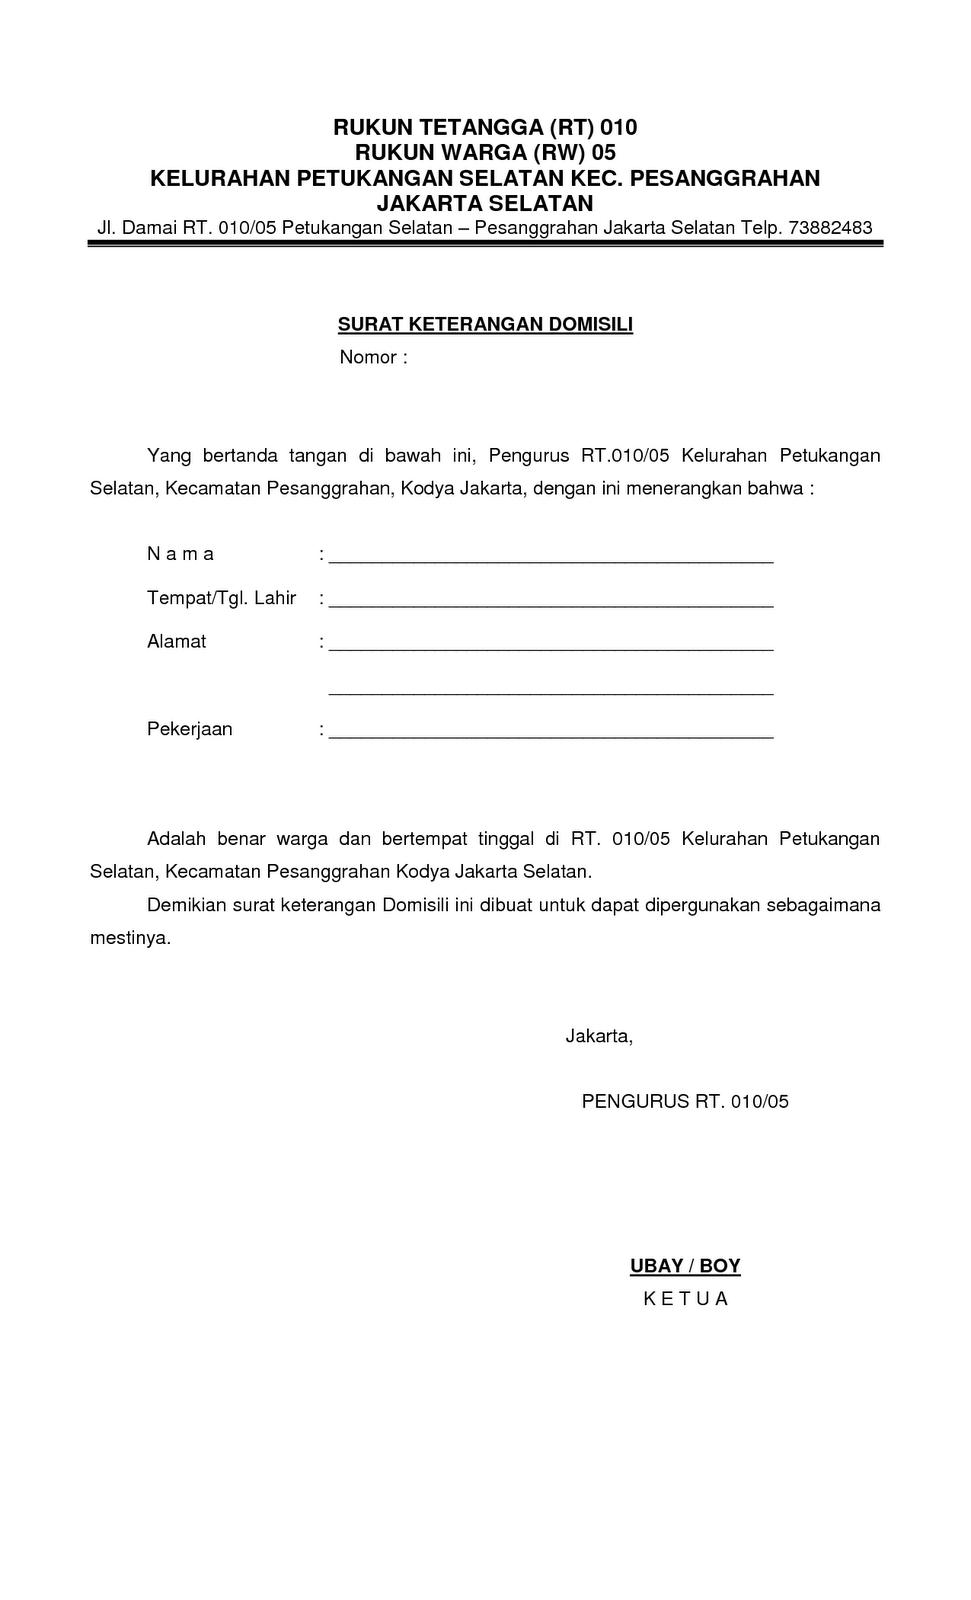 Surat Pengantar dari RukunTetangga (RT).png